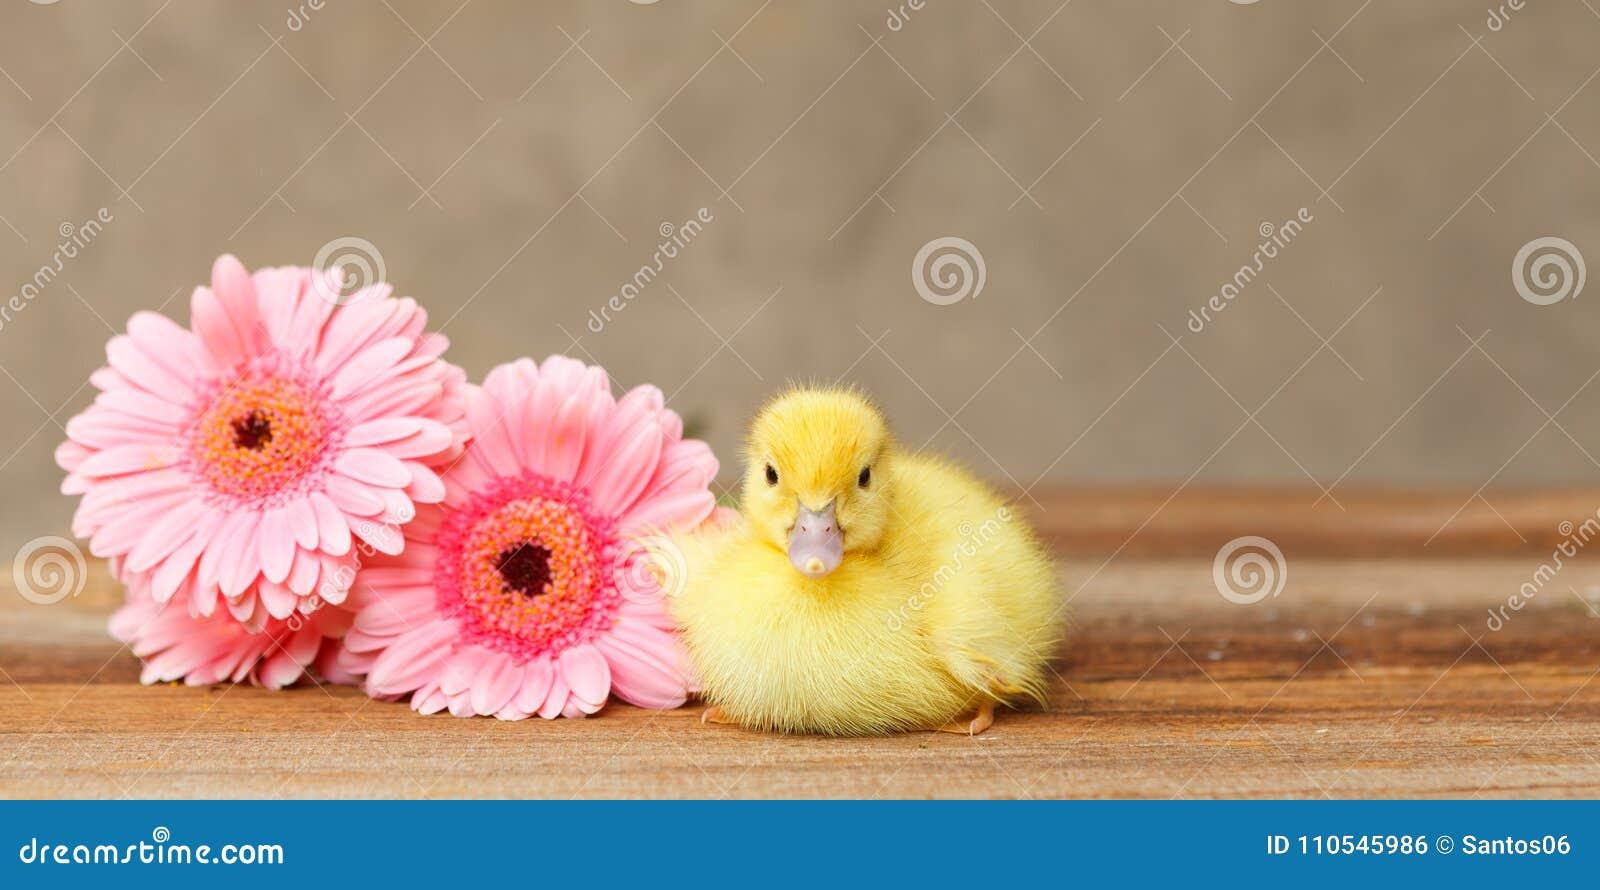 Baby duck beside flowers